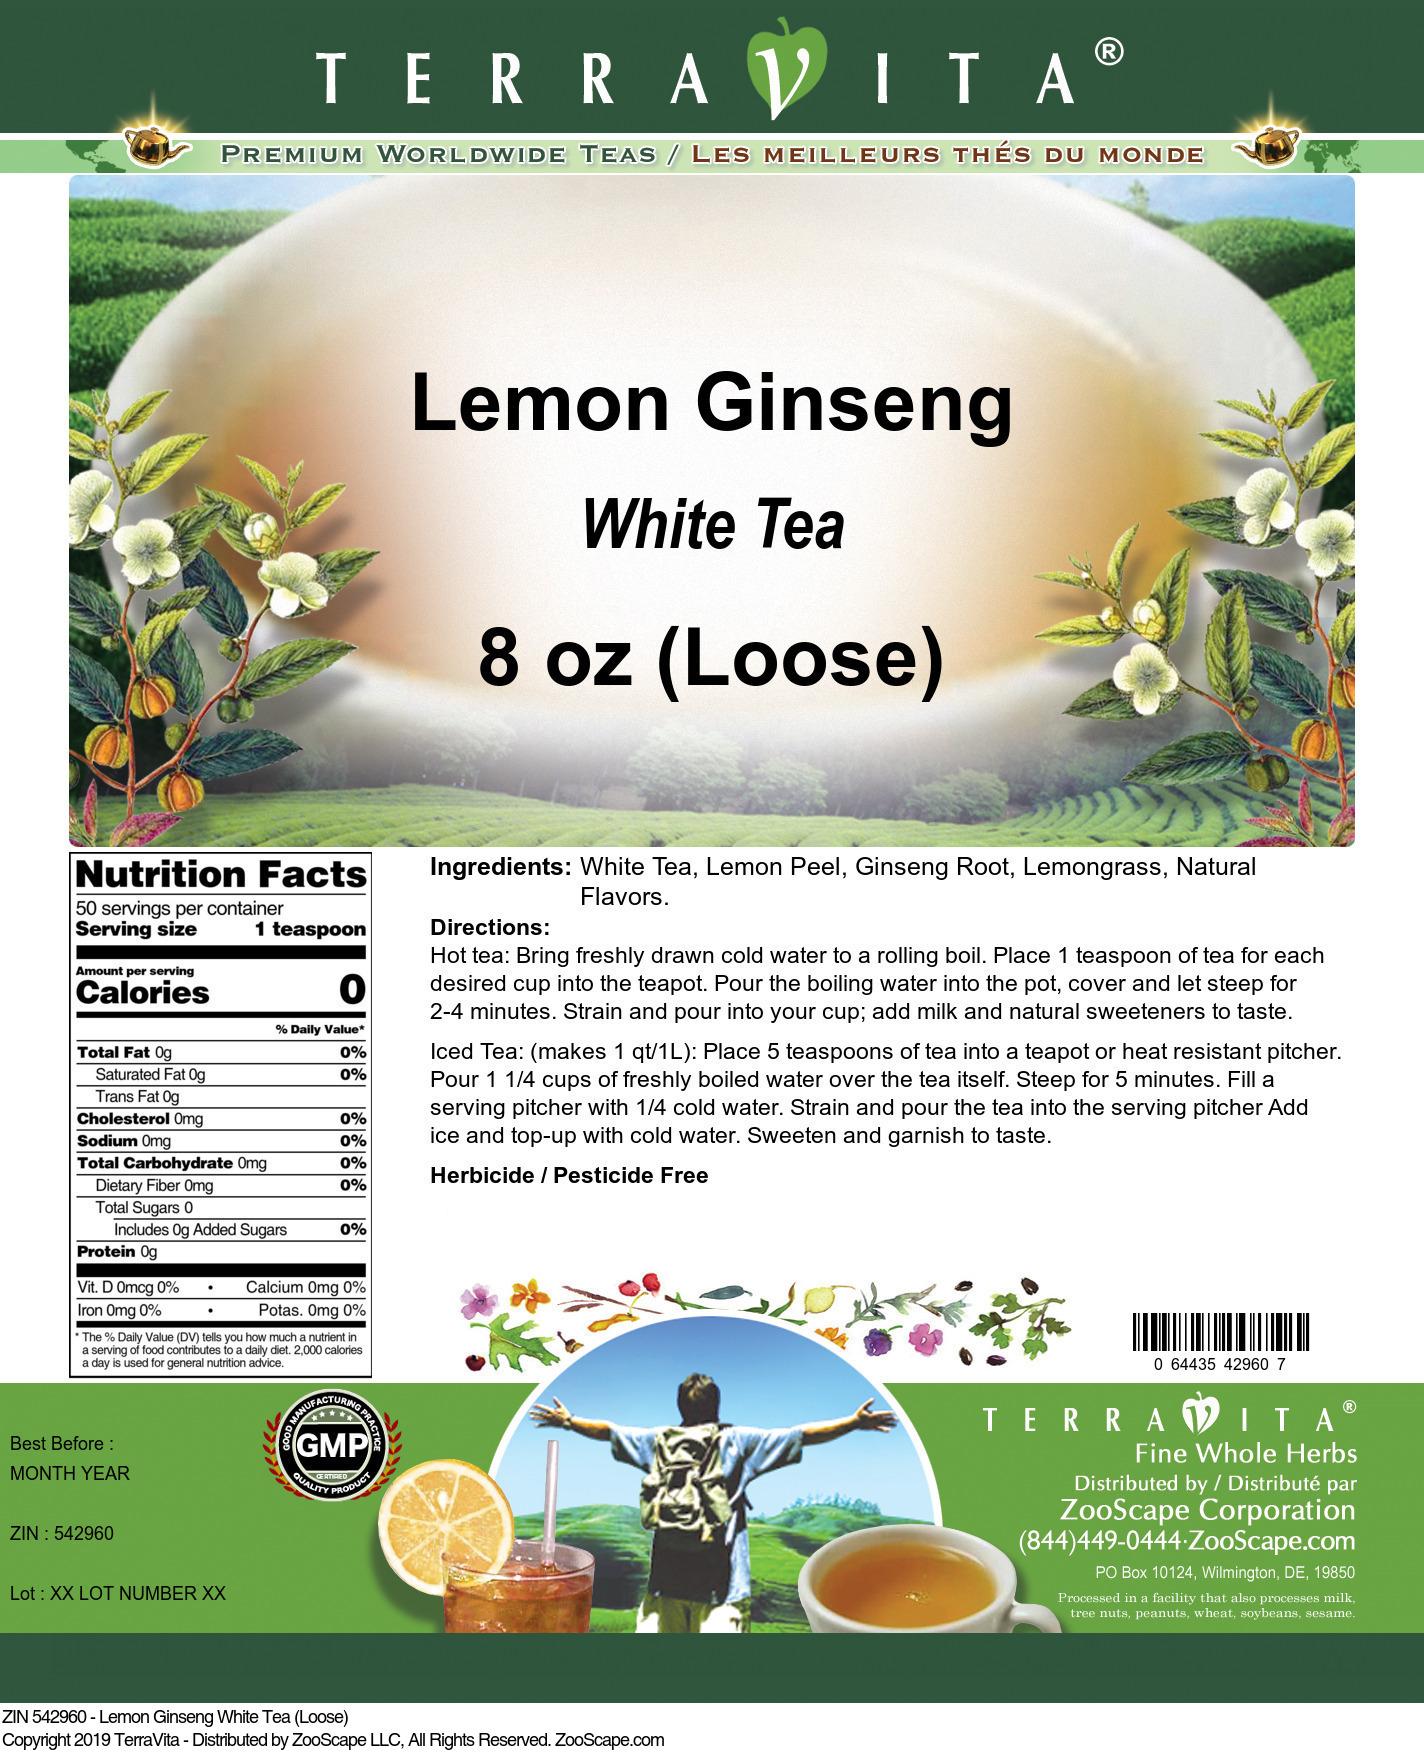 Lemon Ginseng White Tea (Loose)